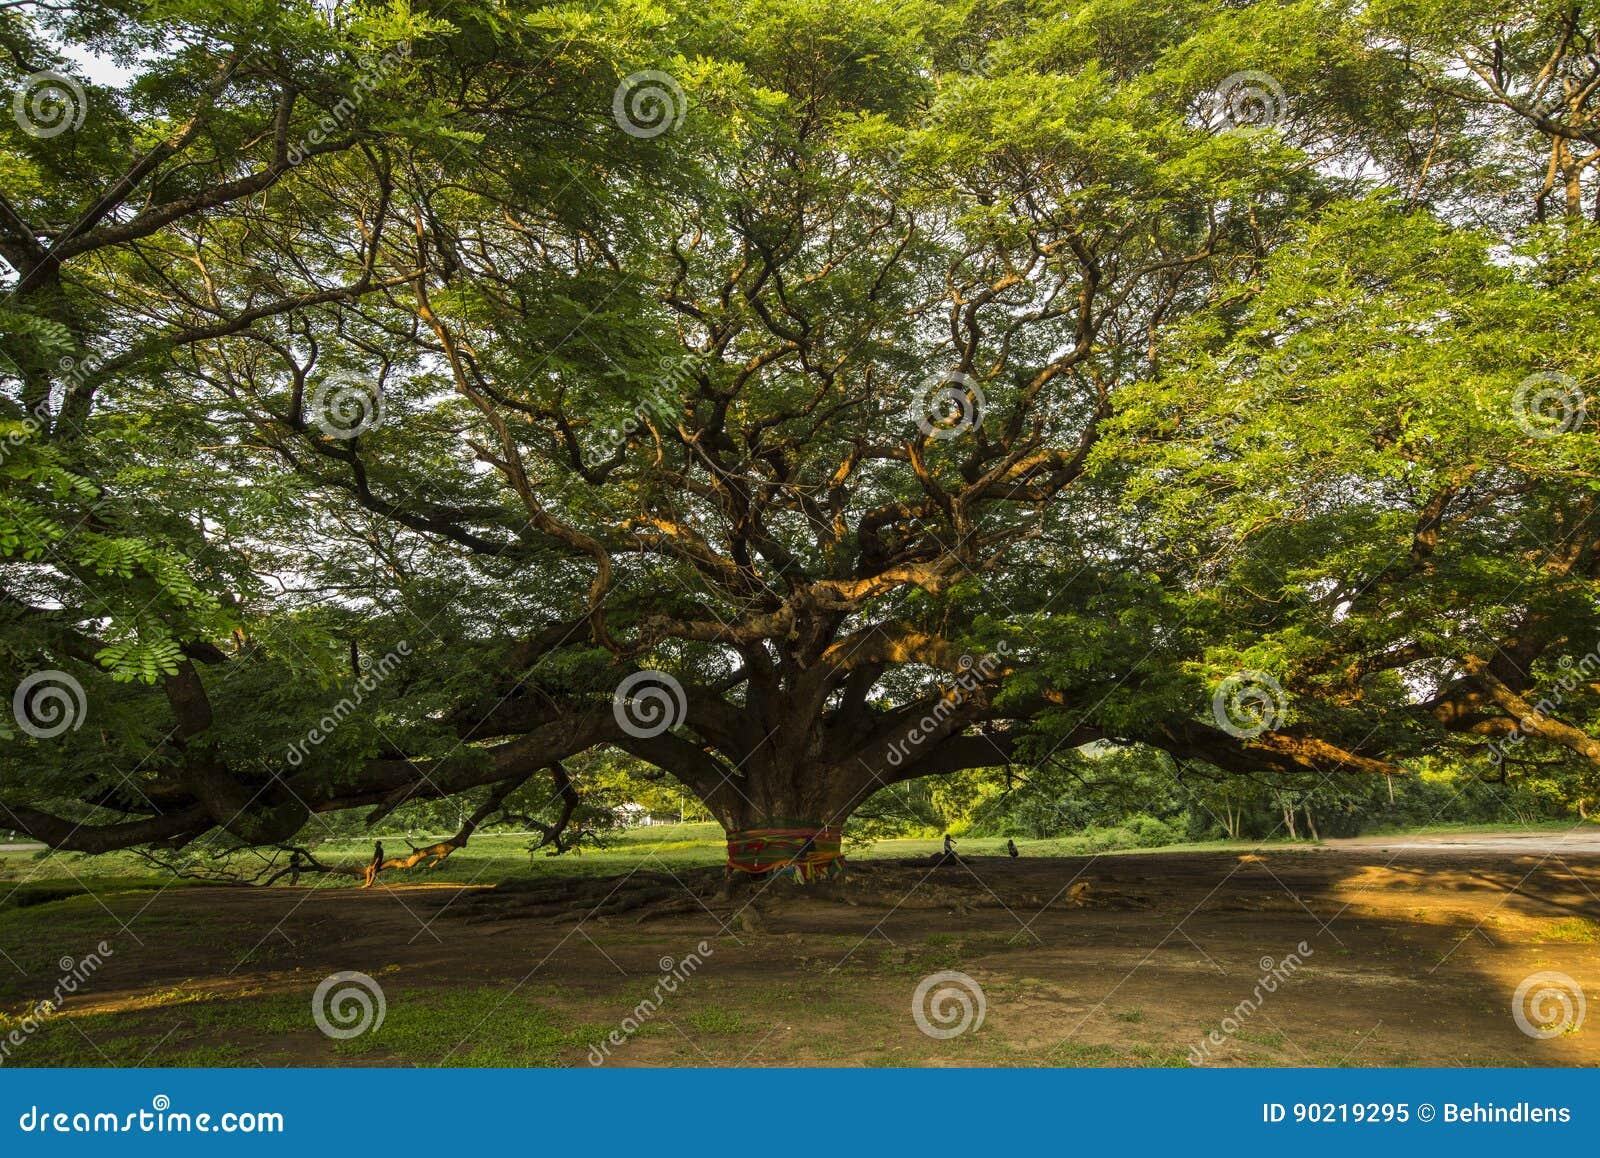 Árbol gigante conservador muy viejo en Tailandia